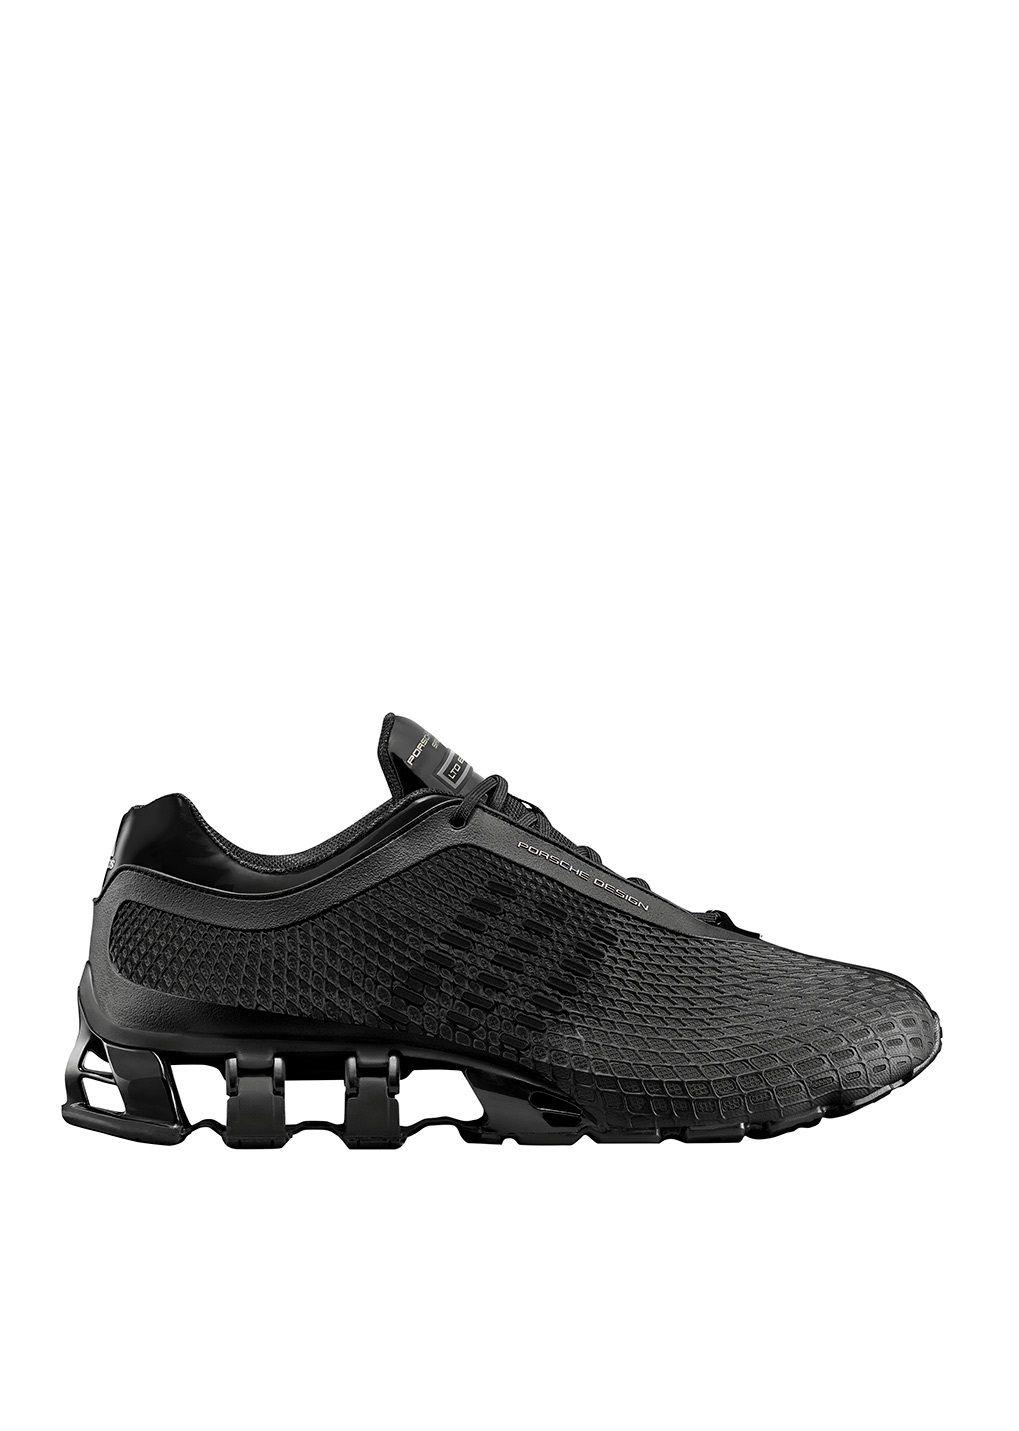 marché noir m25318 unisexes adidas originaux star 80 metal toe